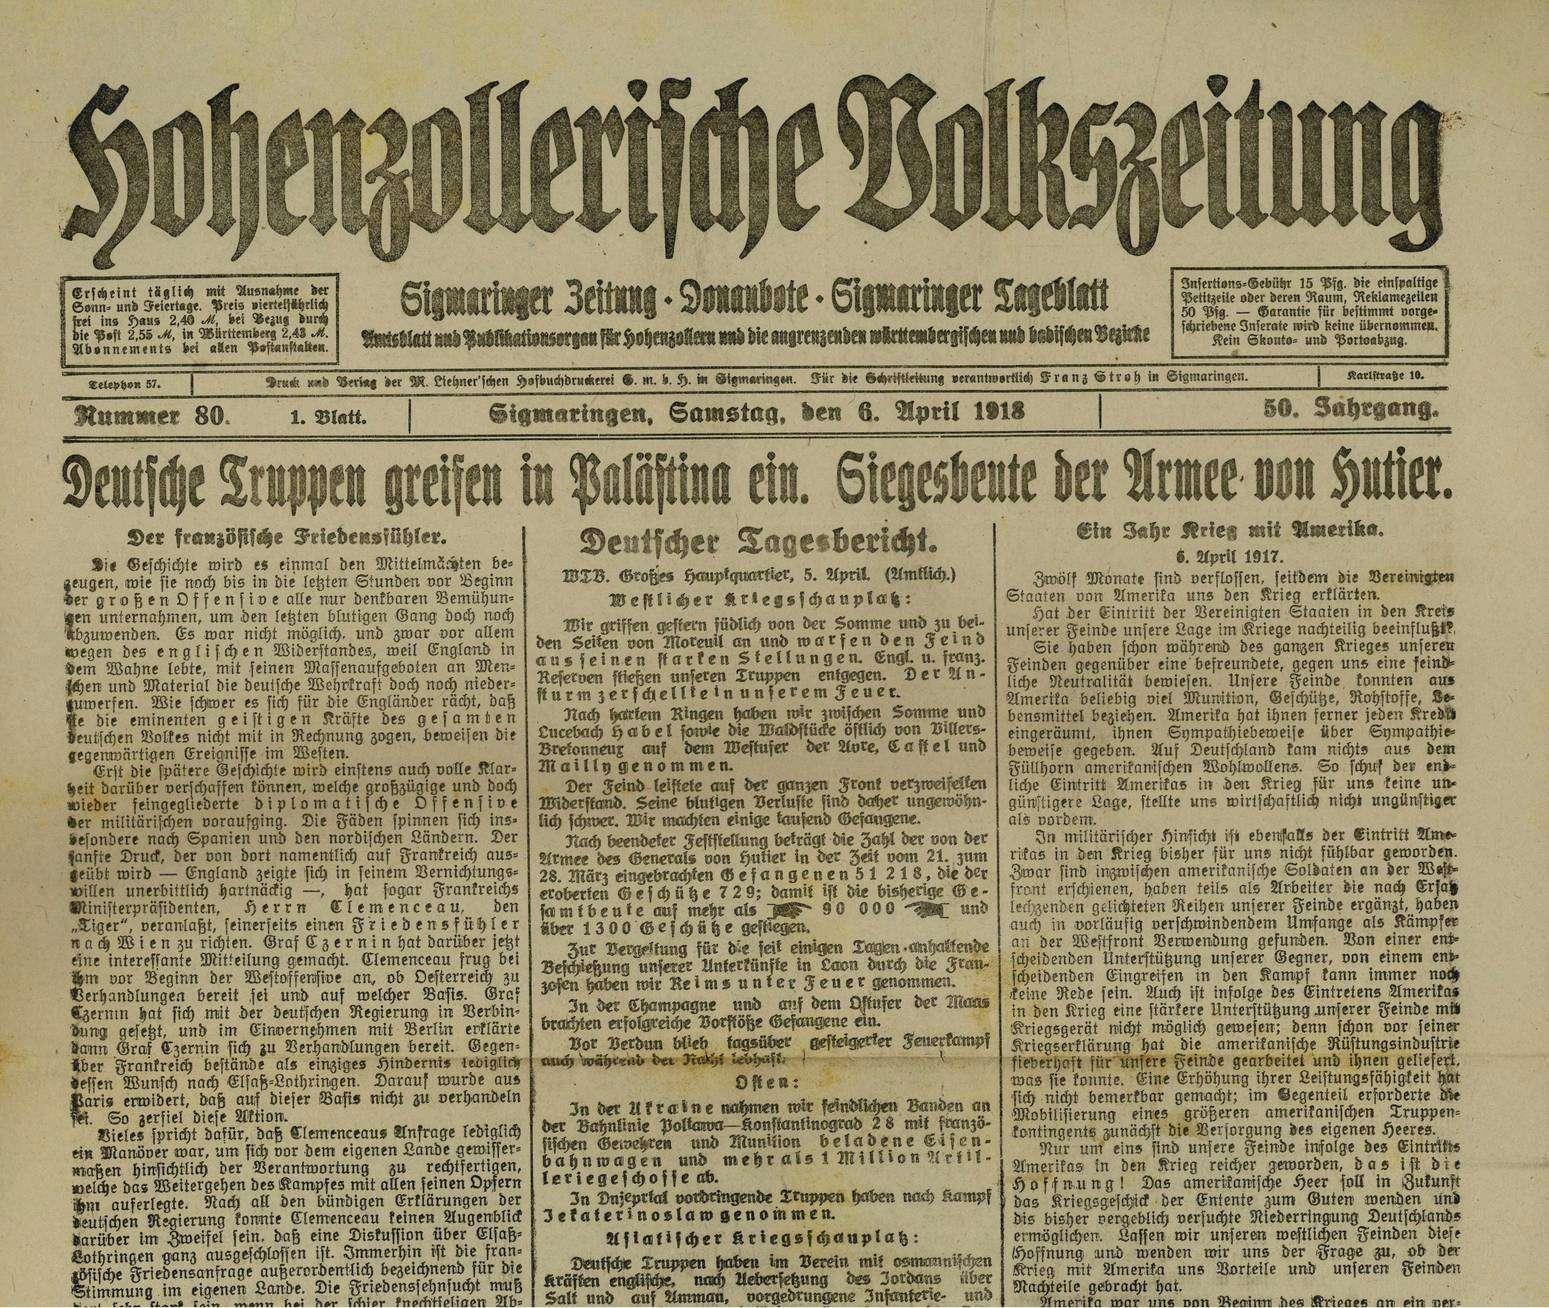 Pressezensur im Ersten Weltkrieg, Bild 1